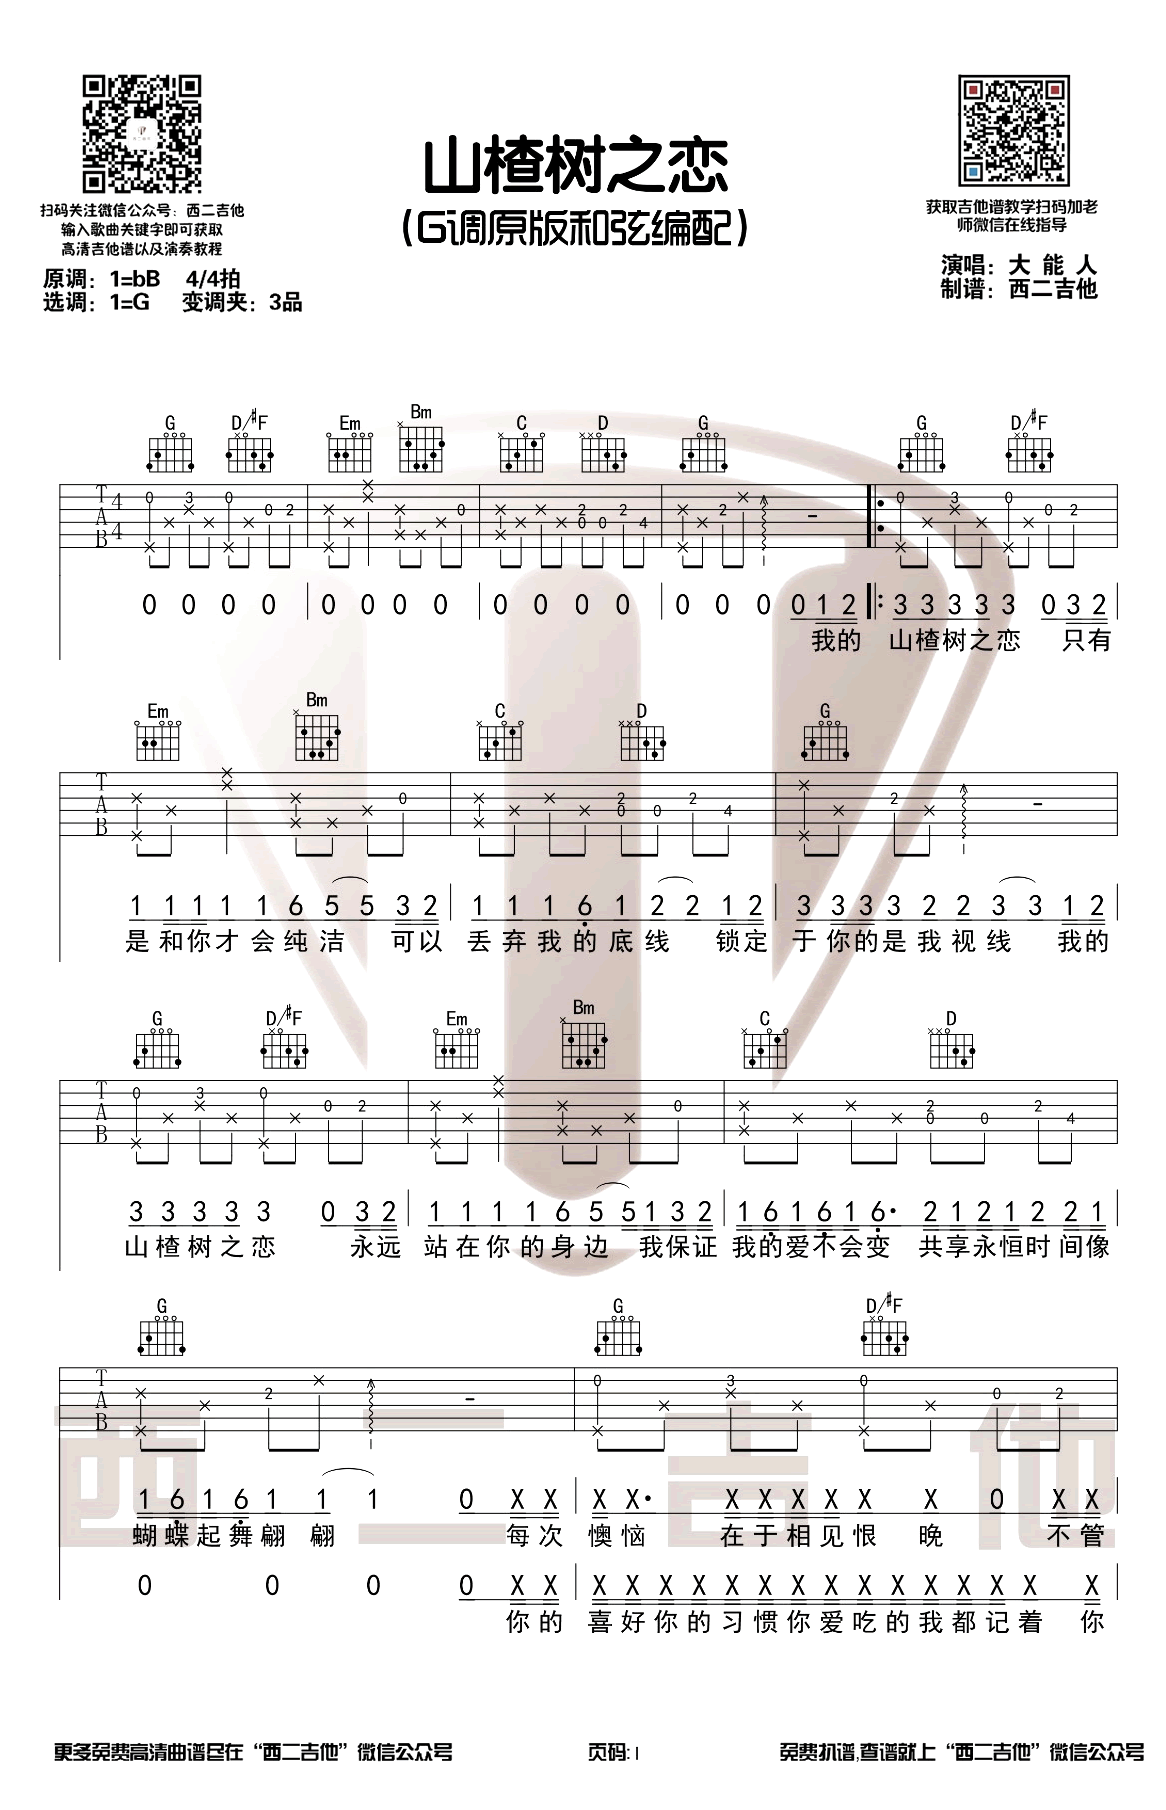 《山楂树之恋》吉他谱_大能人_G调原版_弹唱六线谱_图片谱1